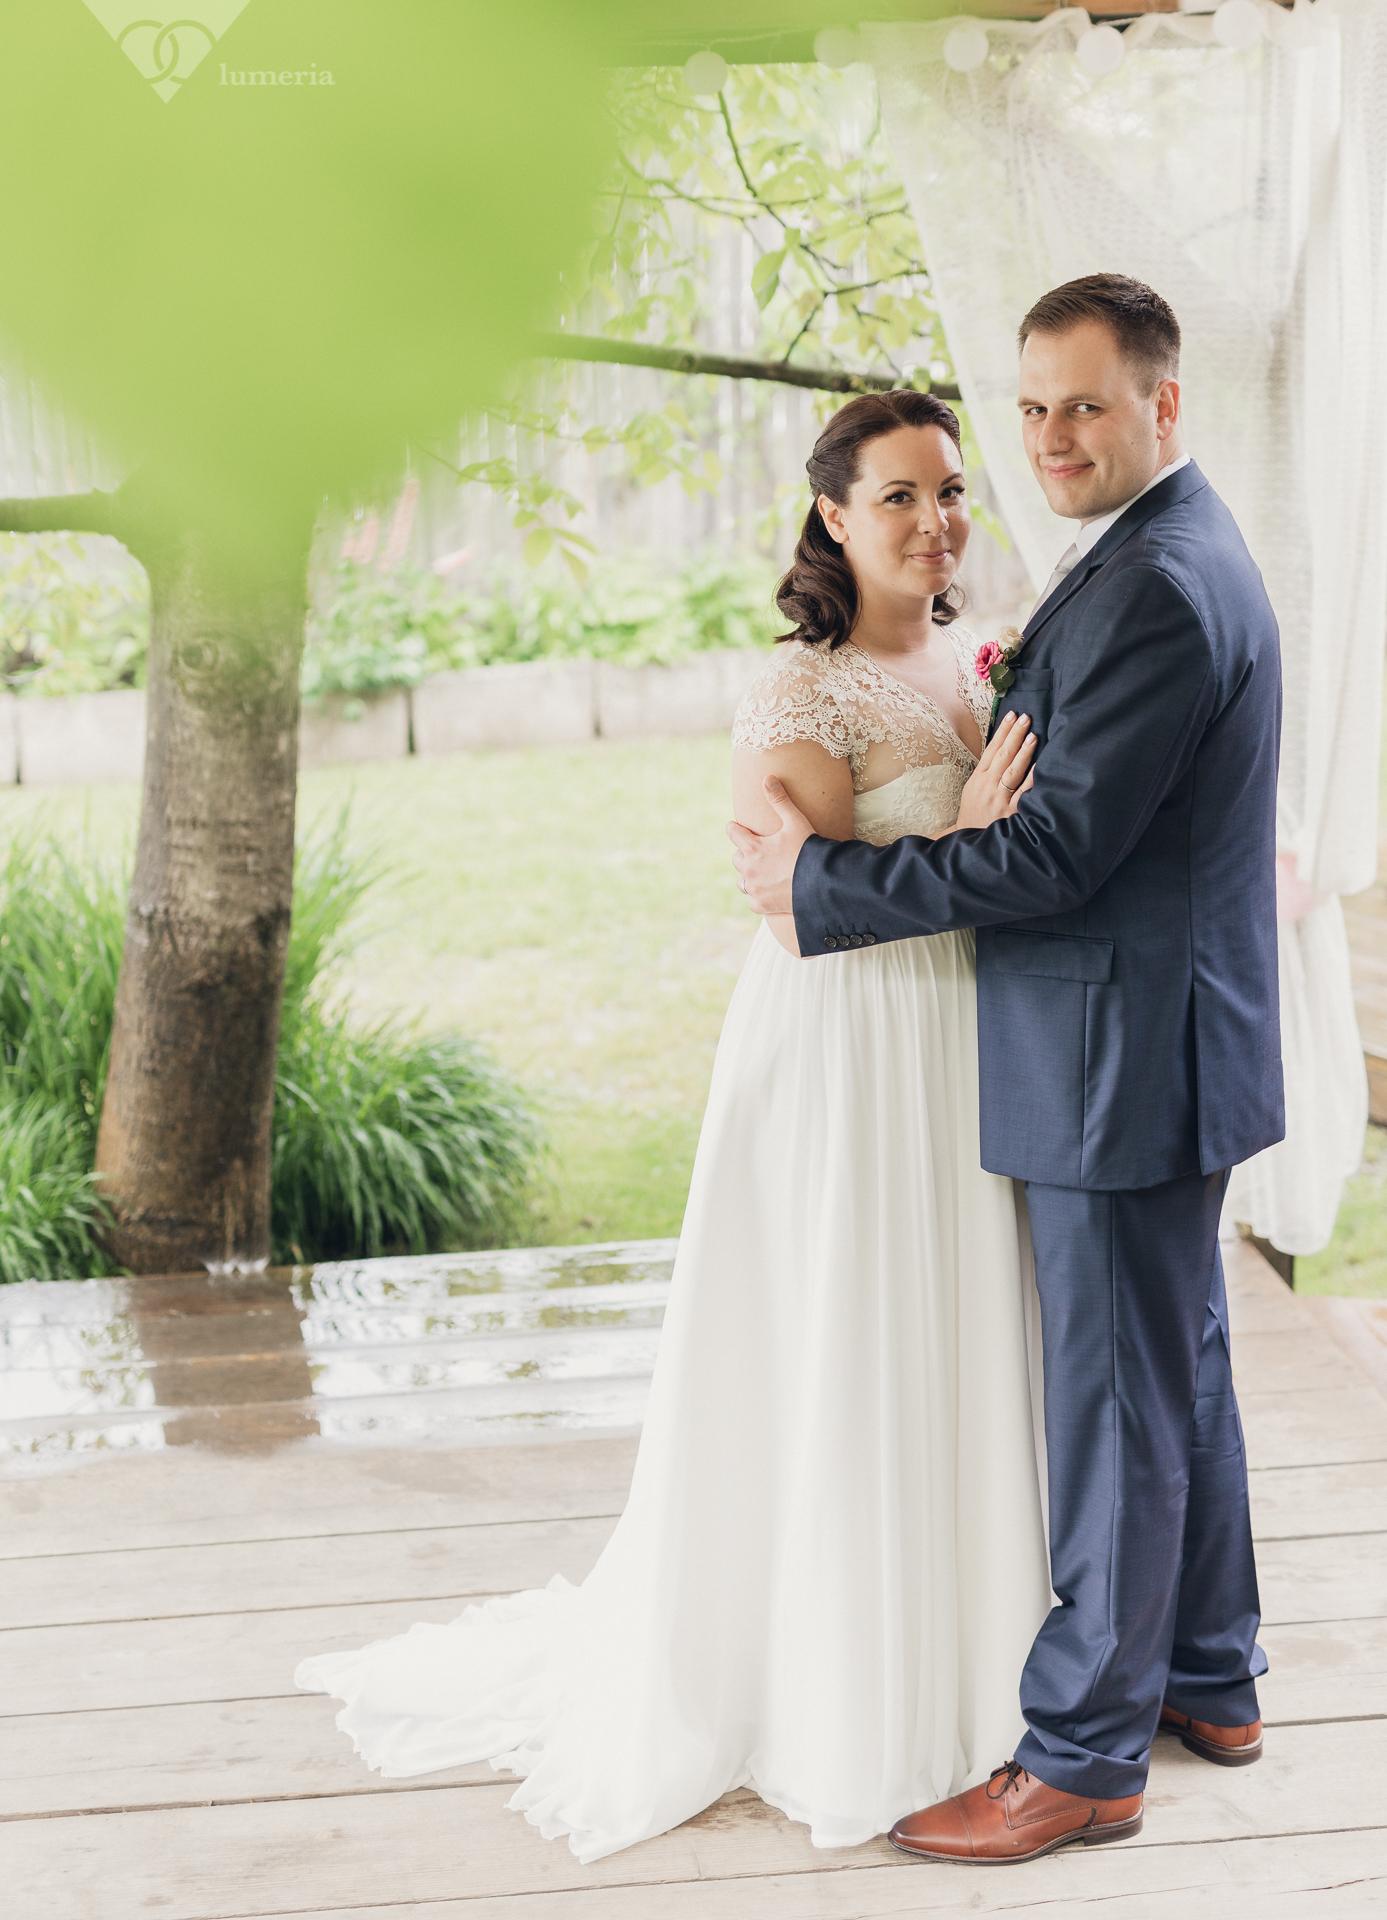 Anja&Igor_2019_Foto-Lumeria_web-216.jpg